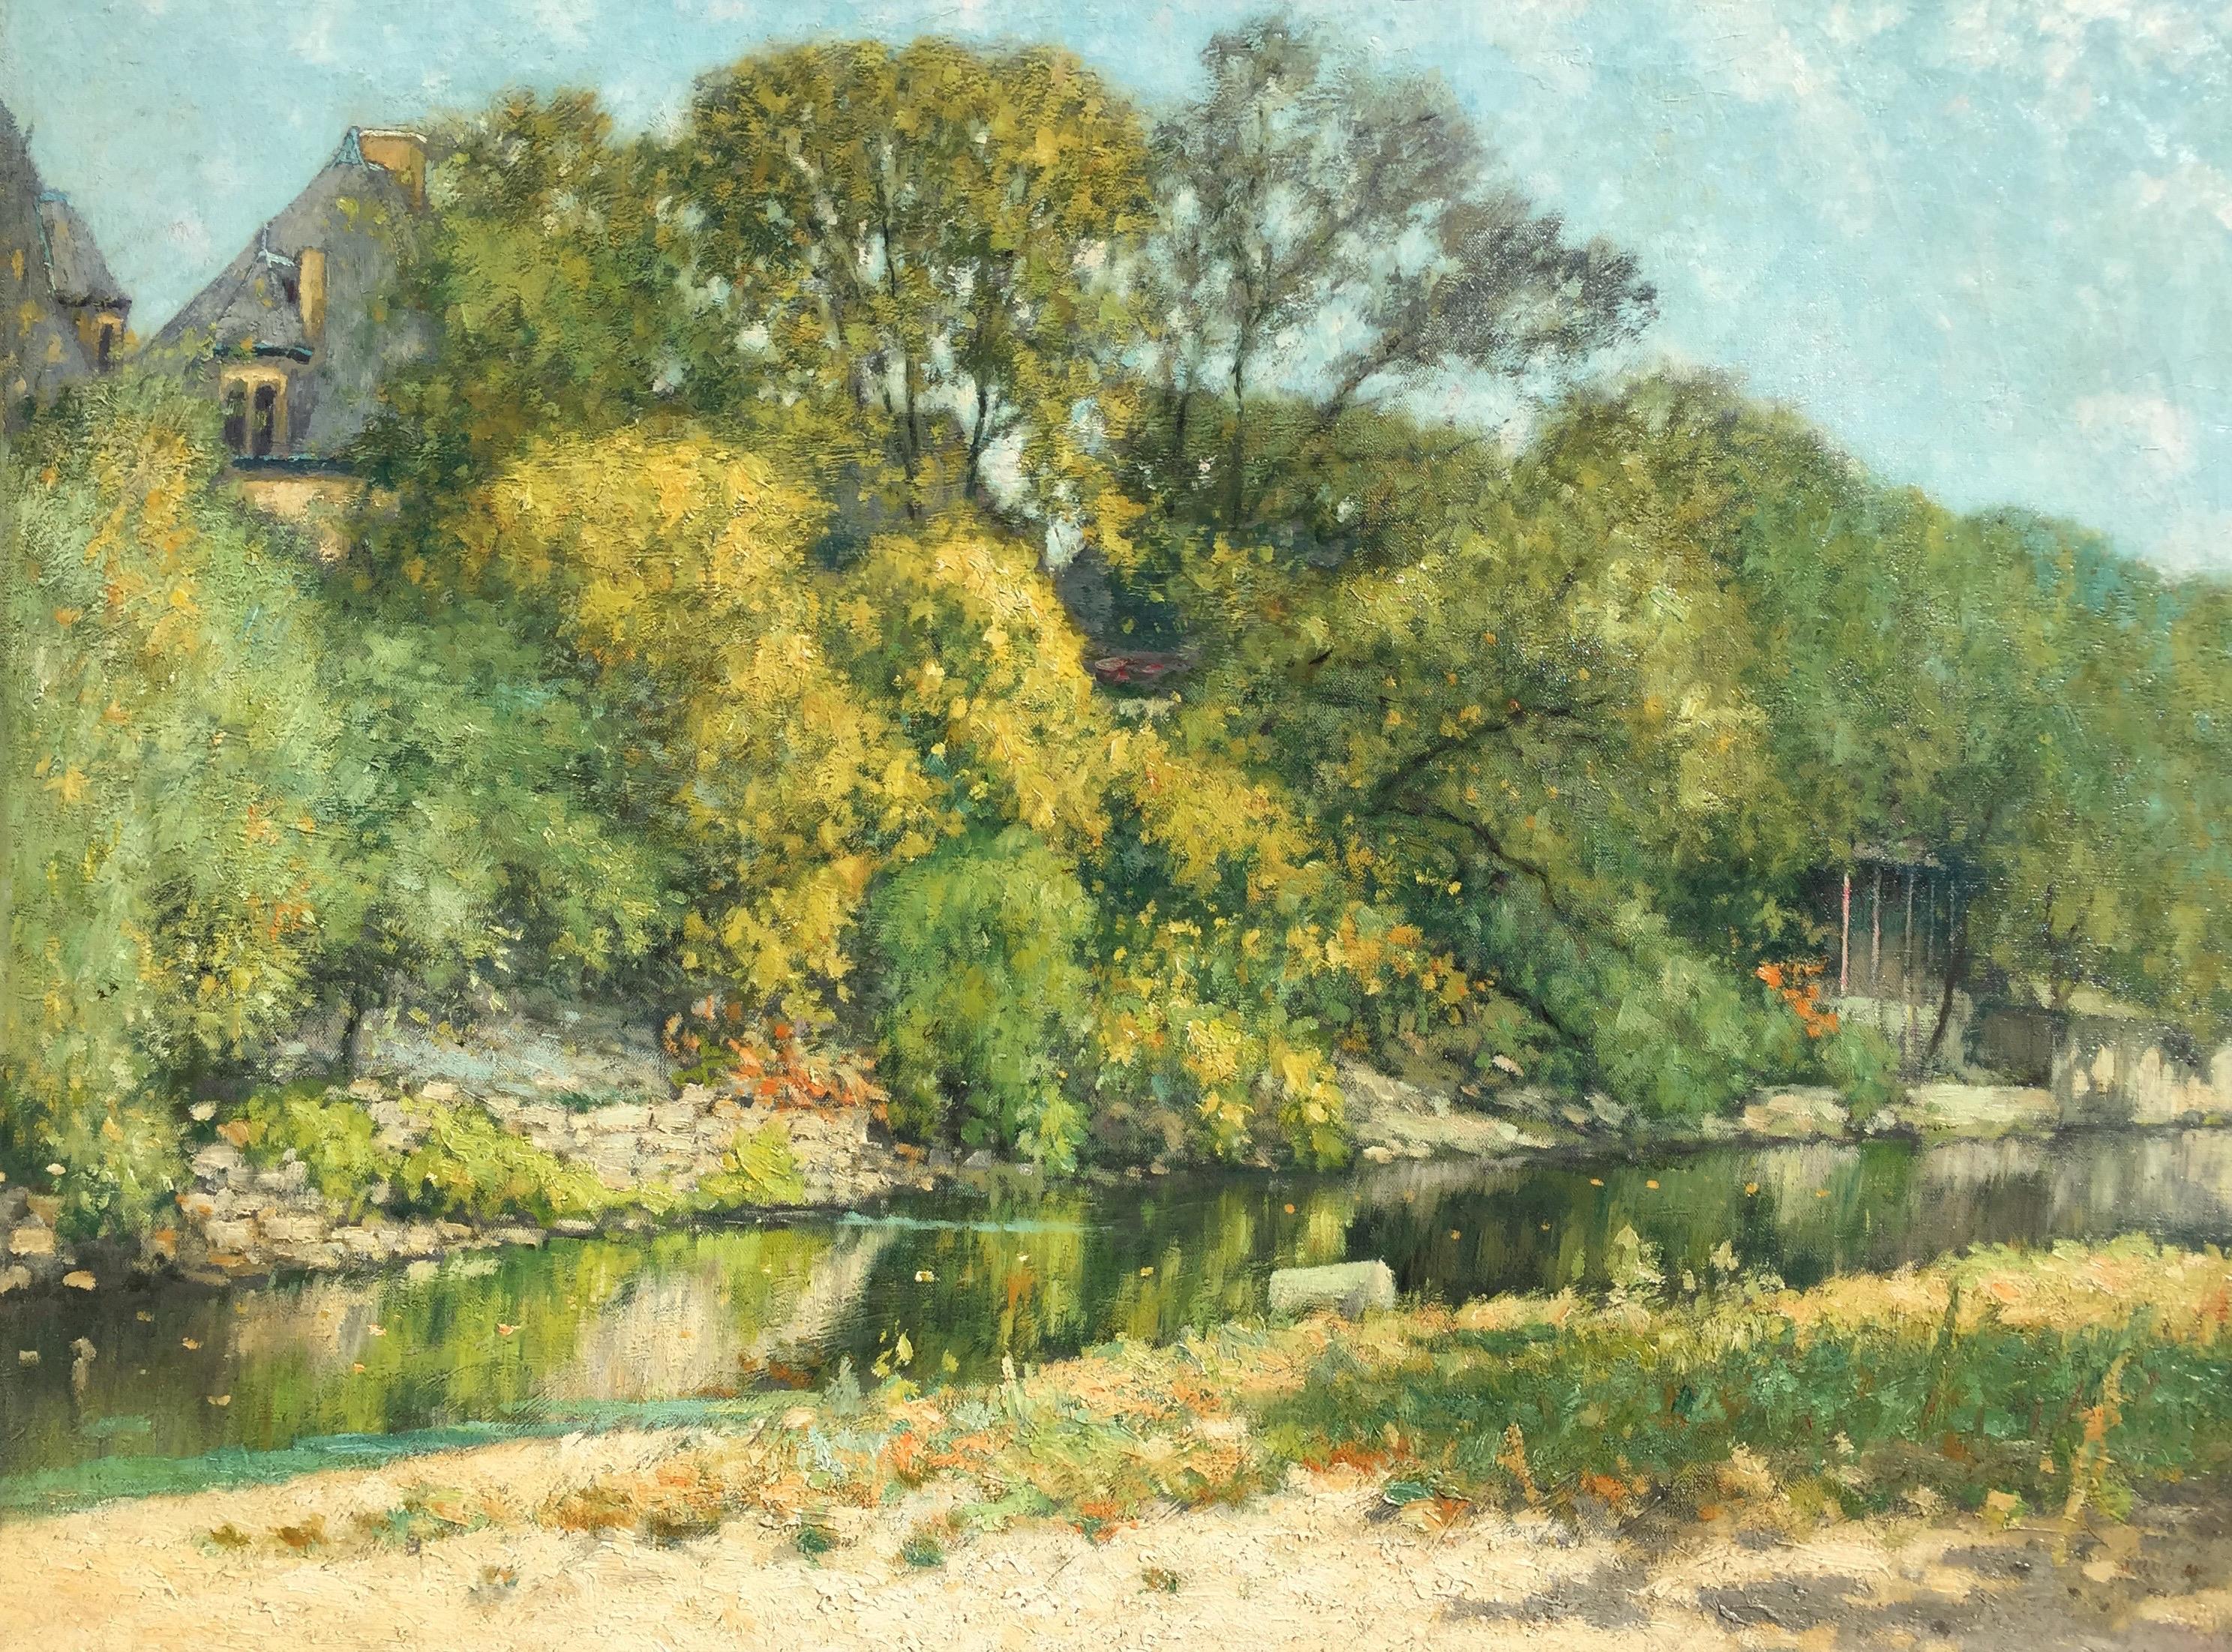 clusmann-desplainesriver-cropped